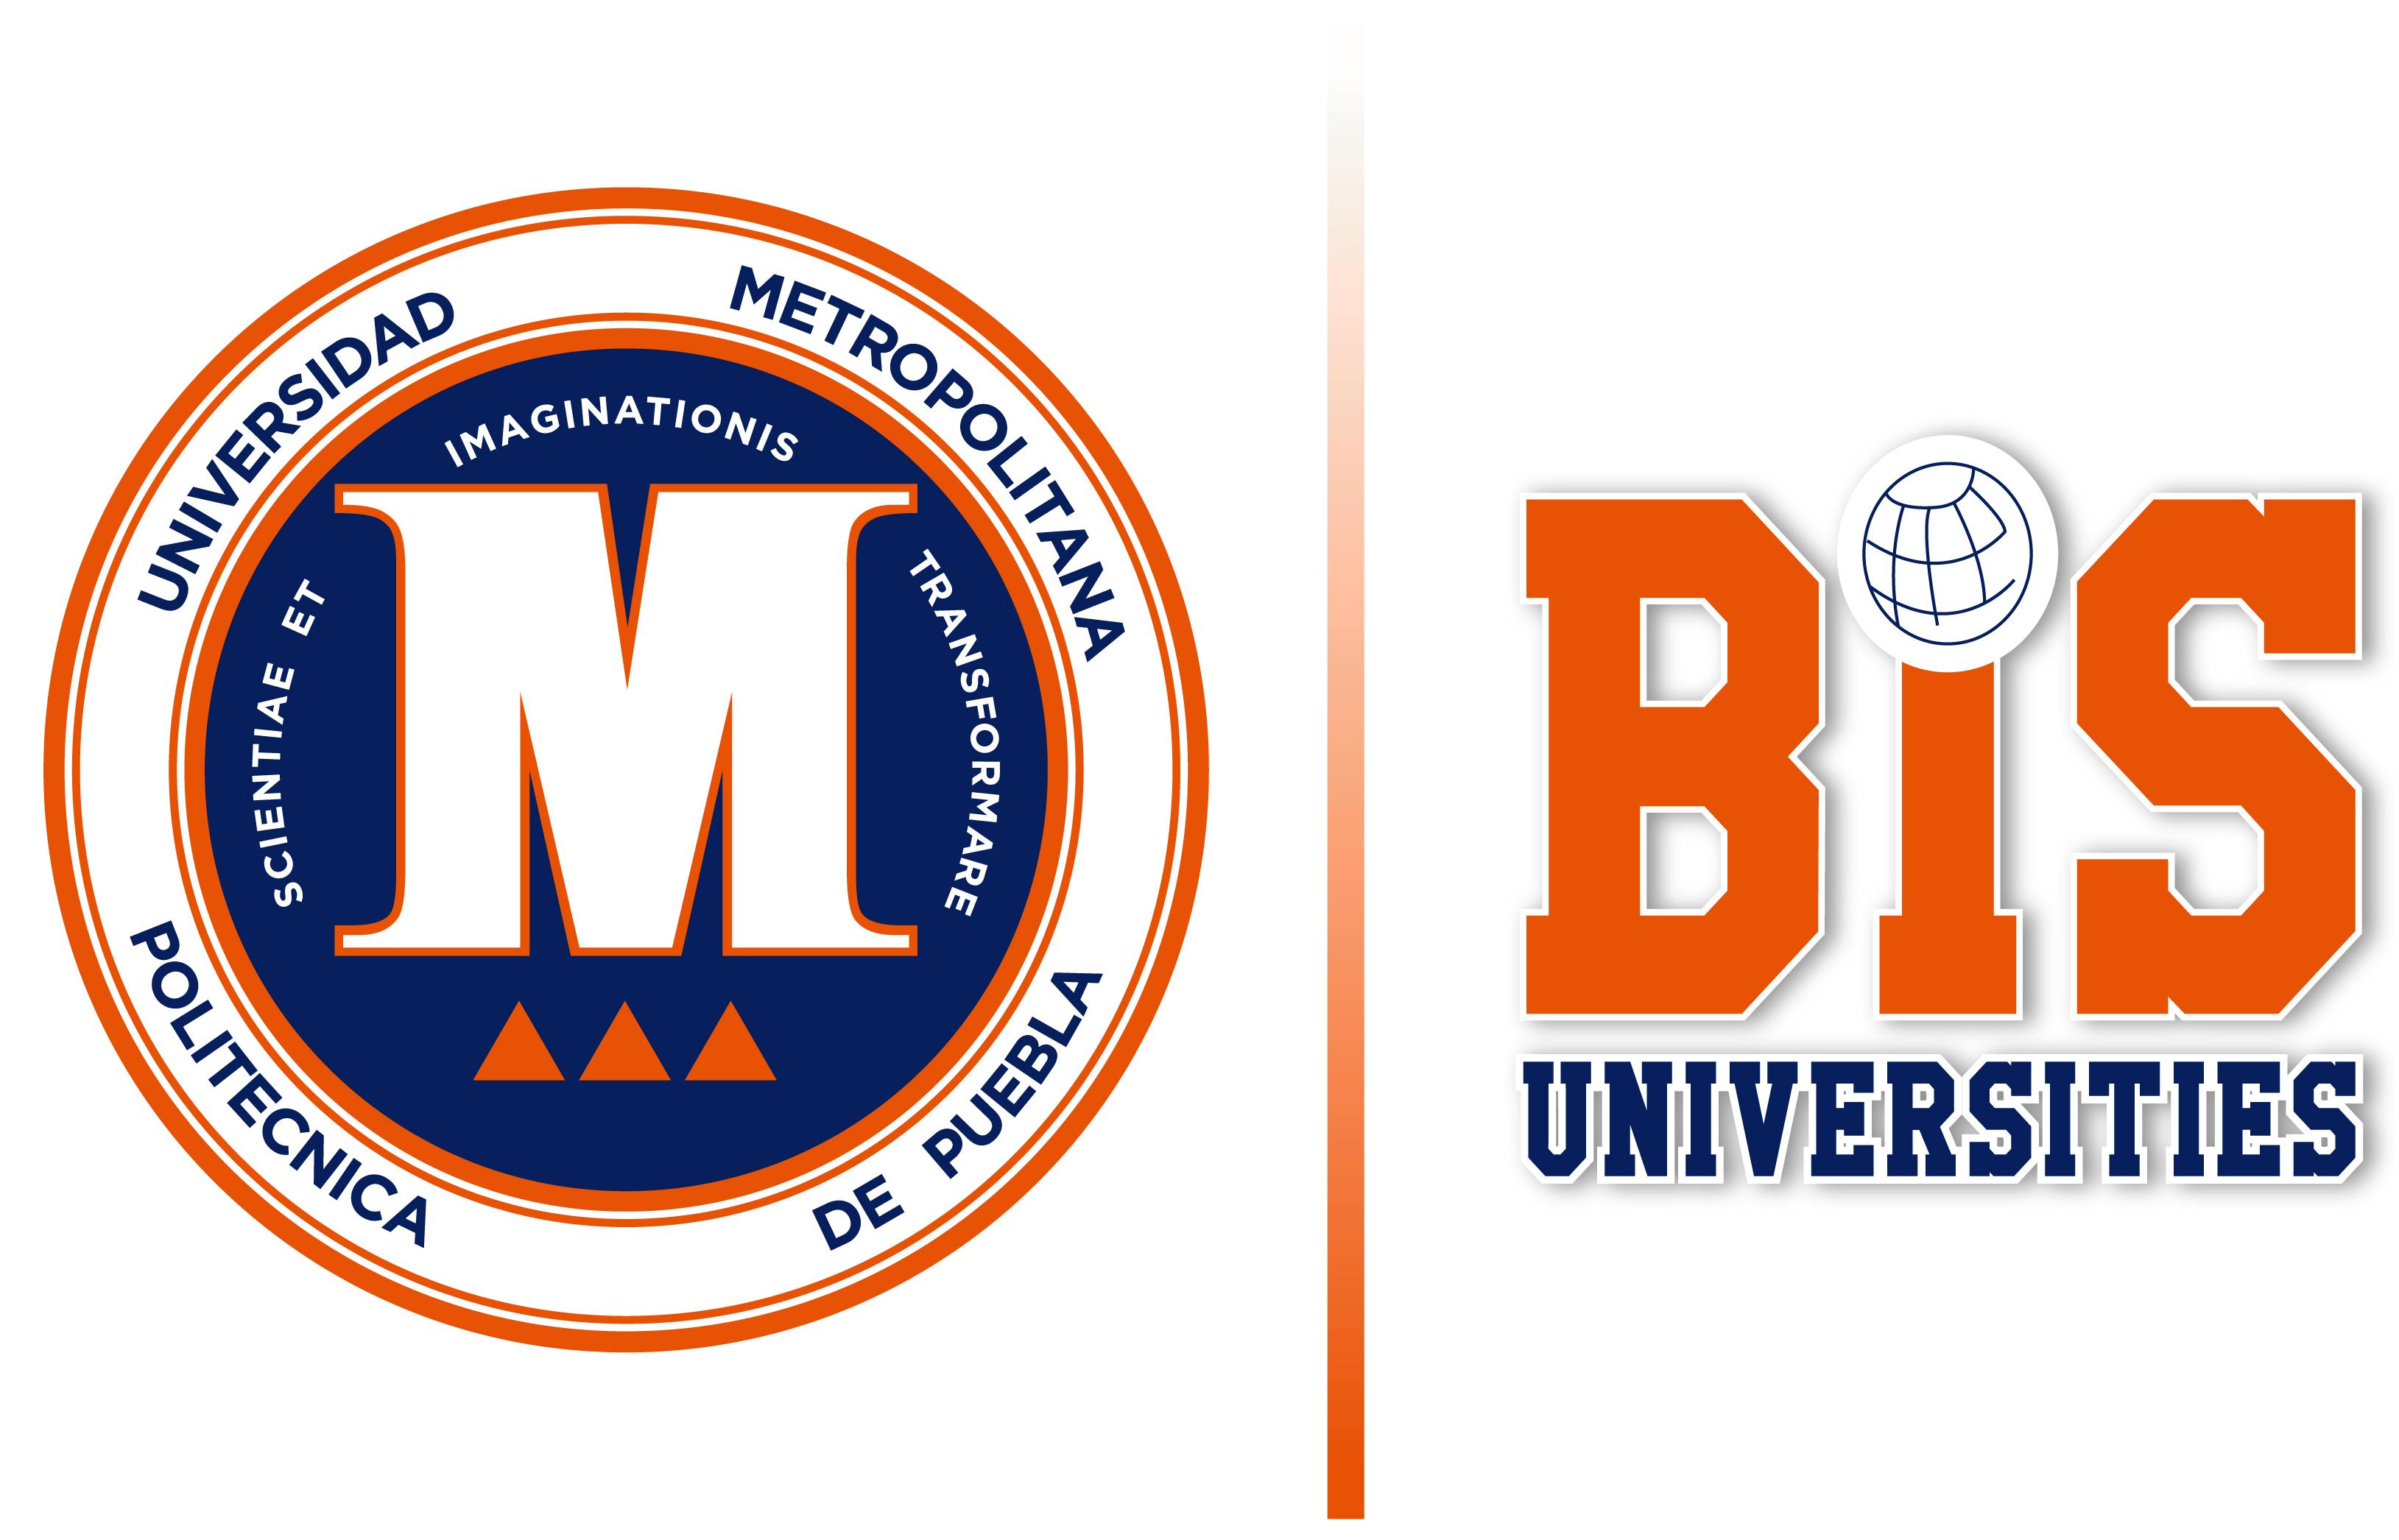 METRO-logos-web-01